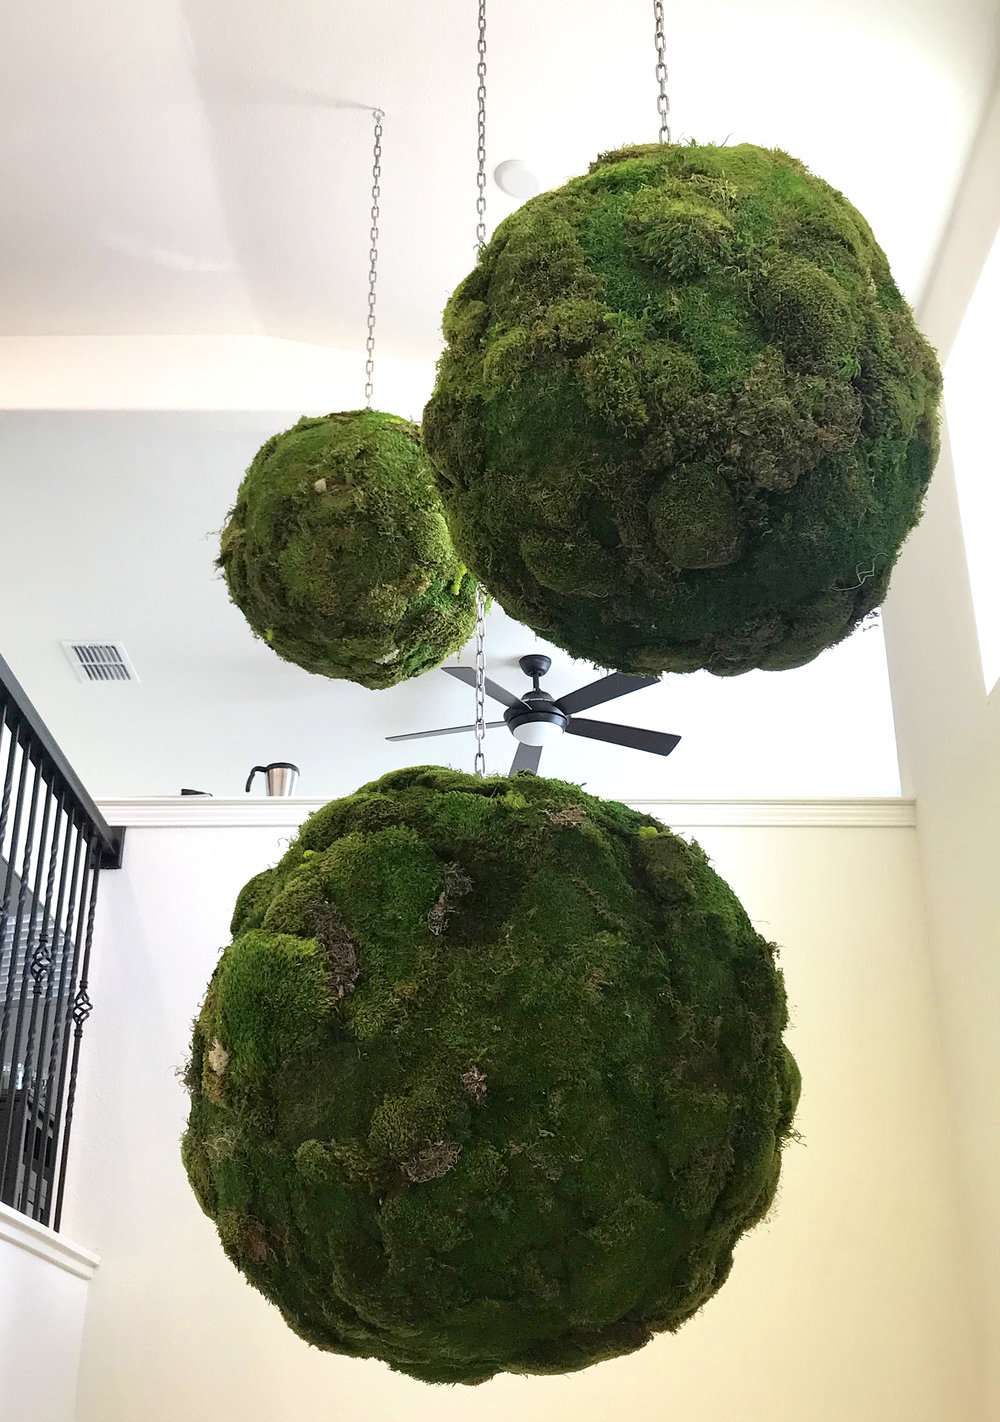 3mossballs.jpg